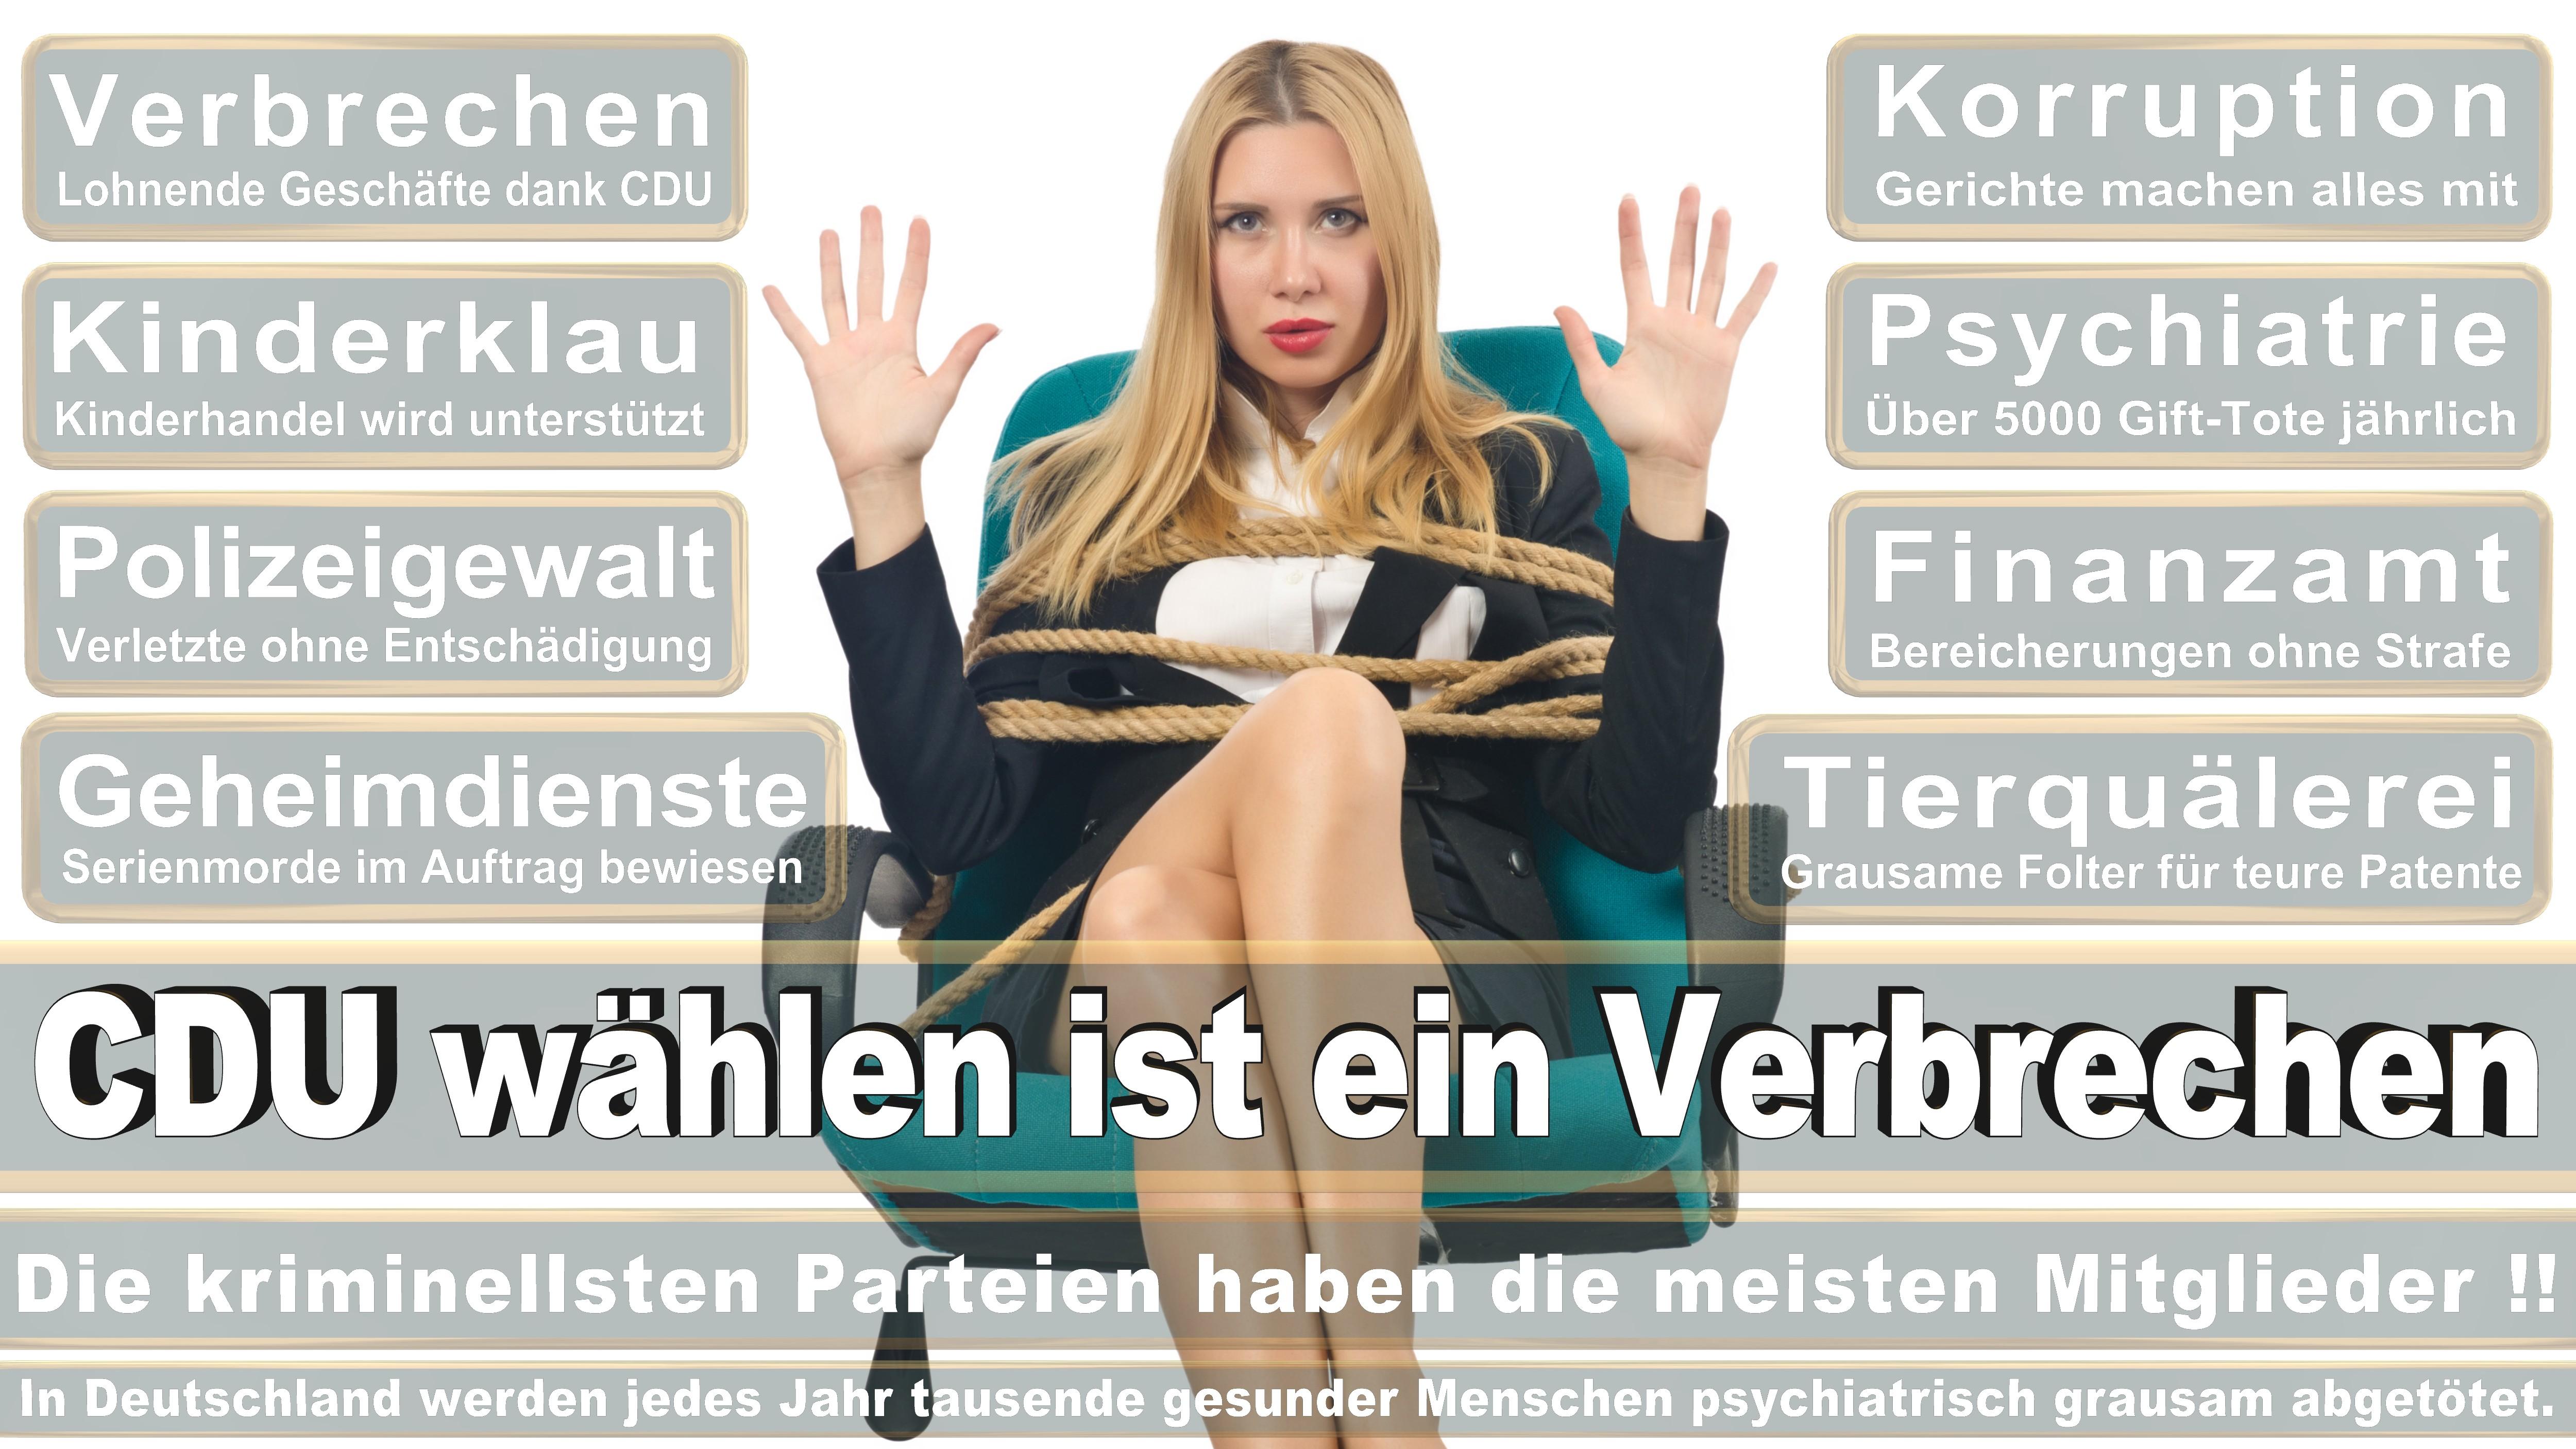 Uwe Schummer CDU CSU Politiker